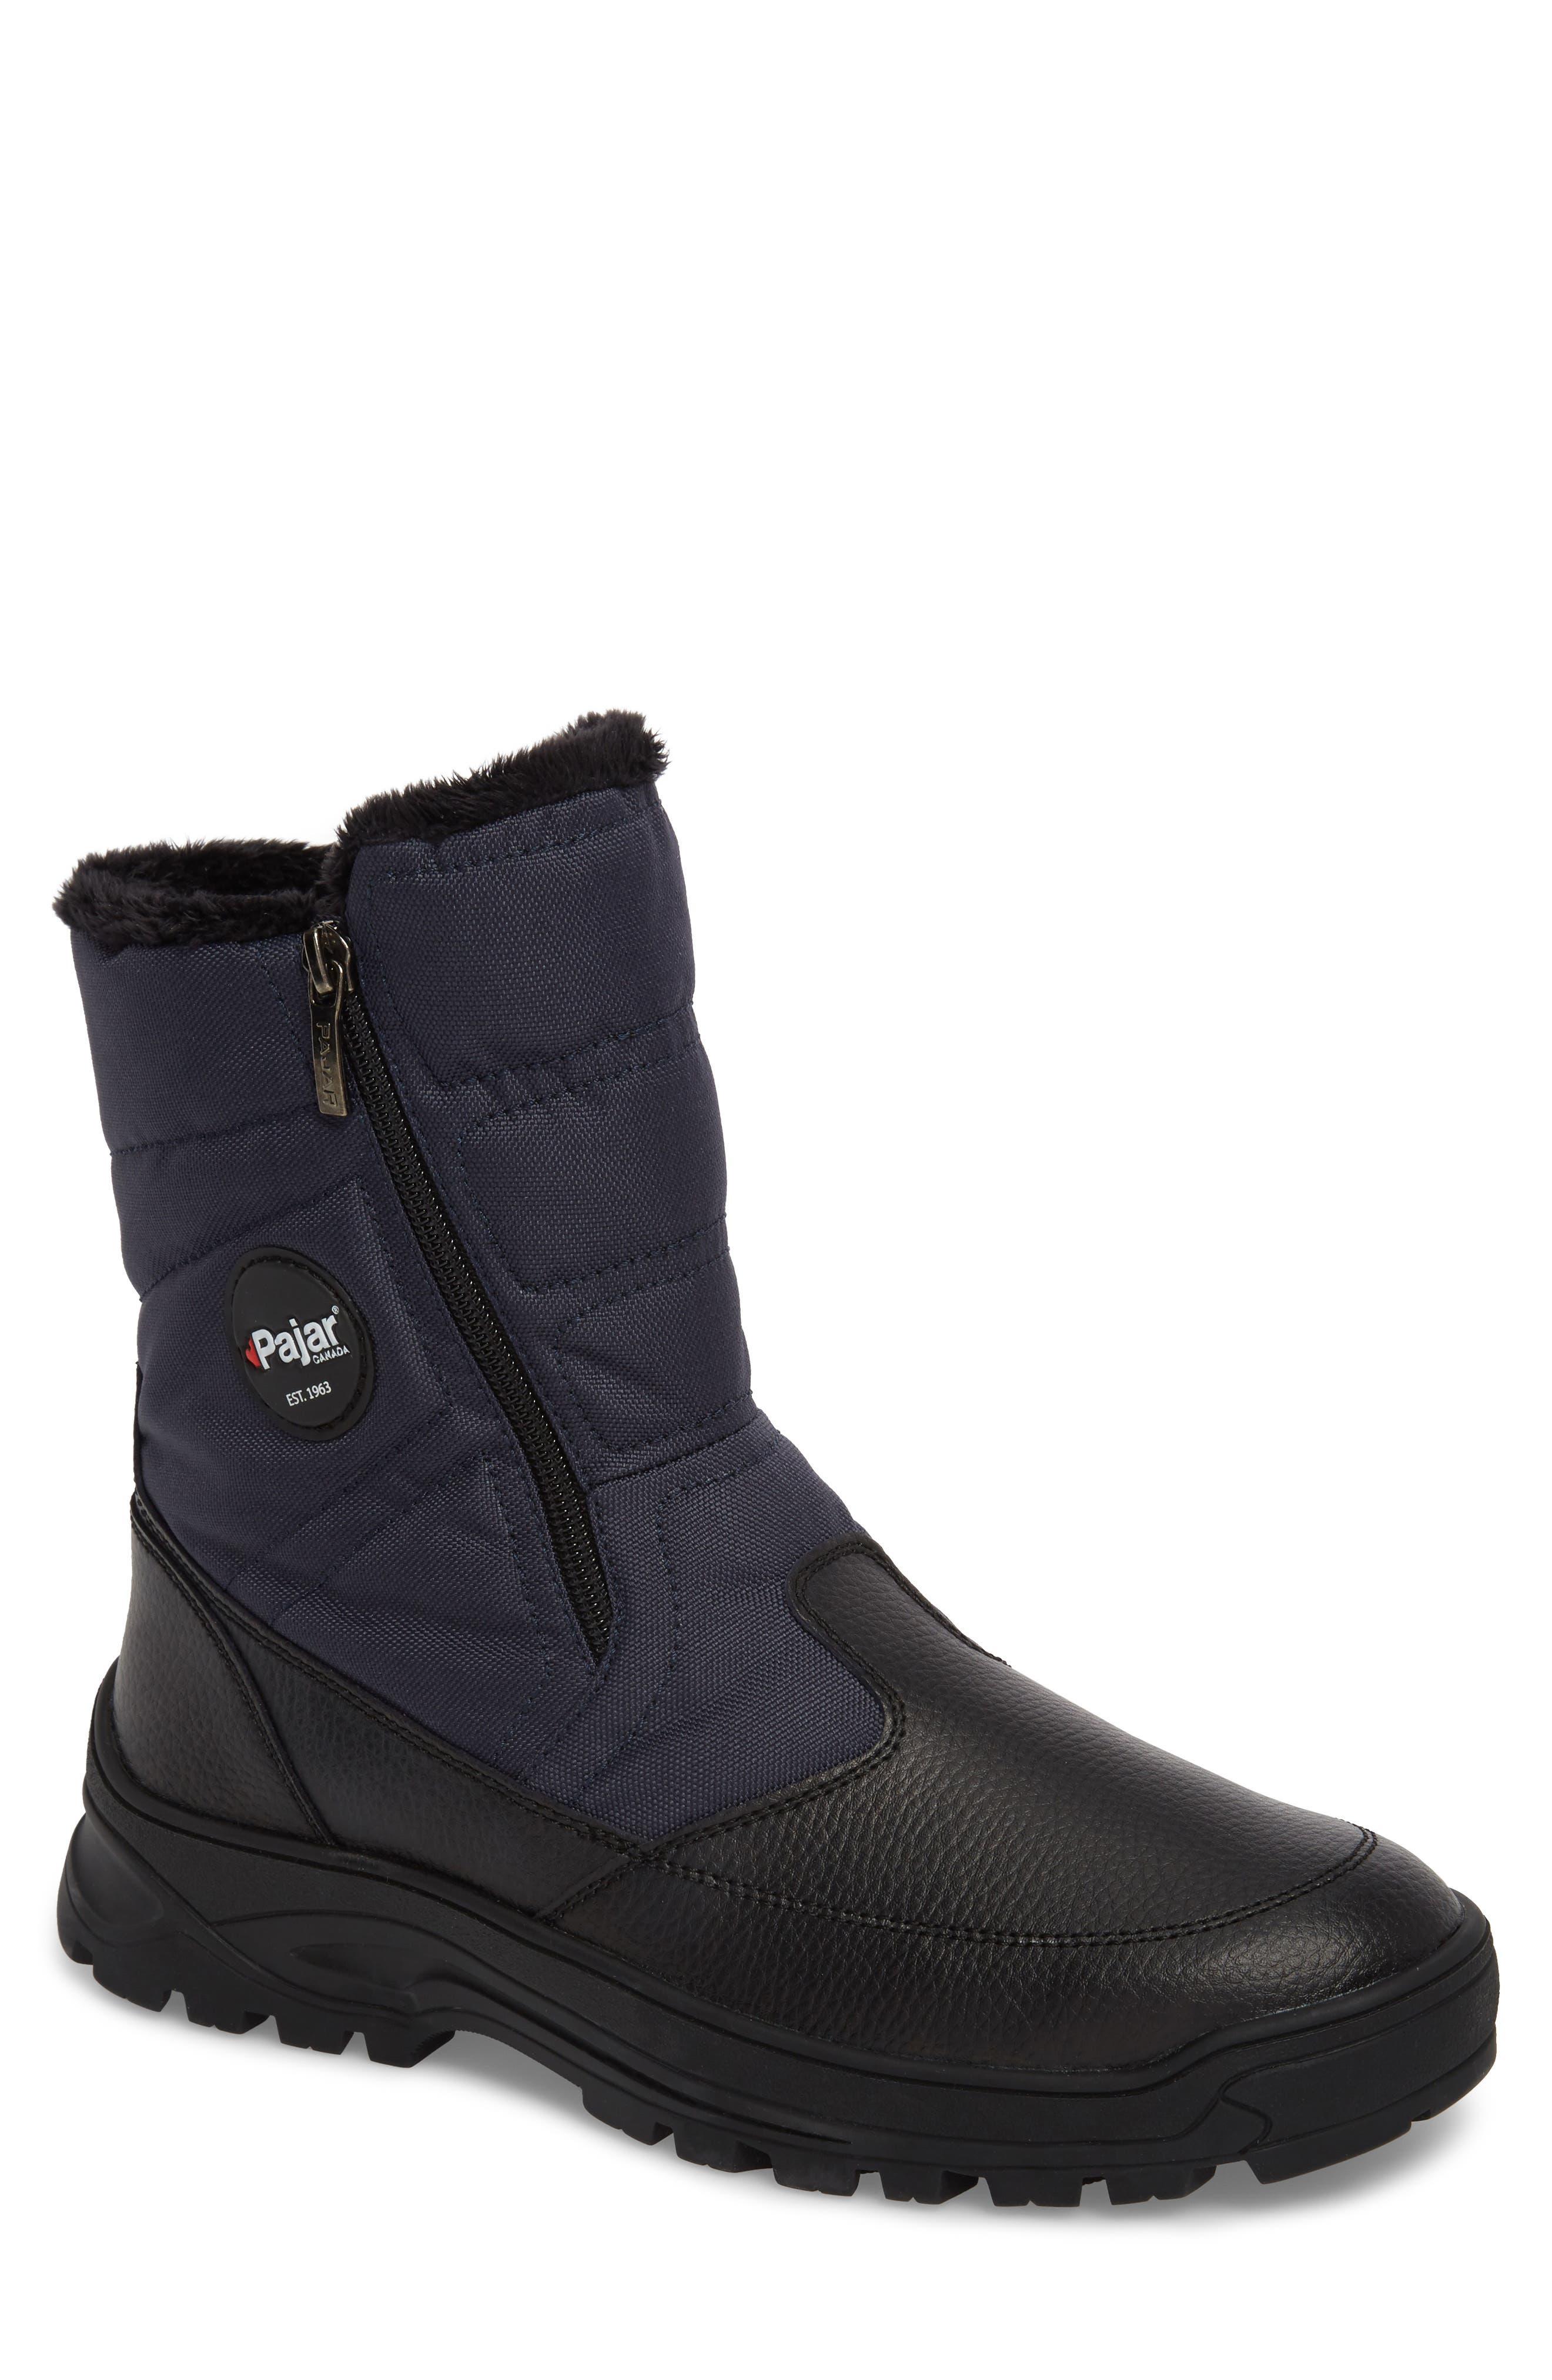 Pajar Mirko Waterproof Insulated Boot (Men)